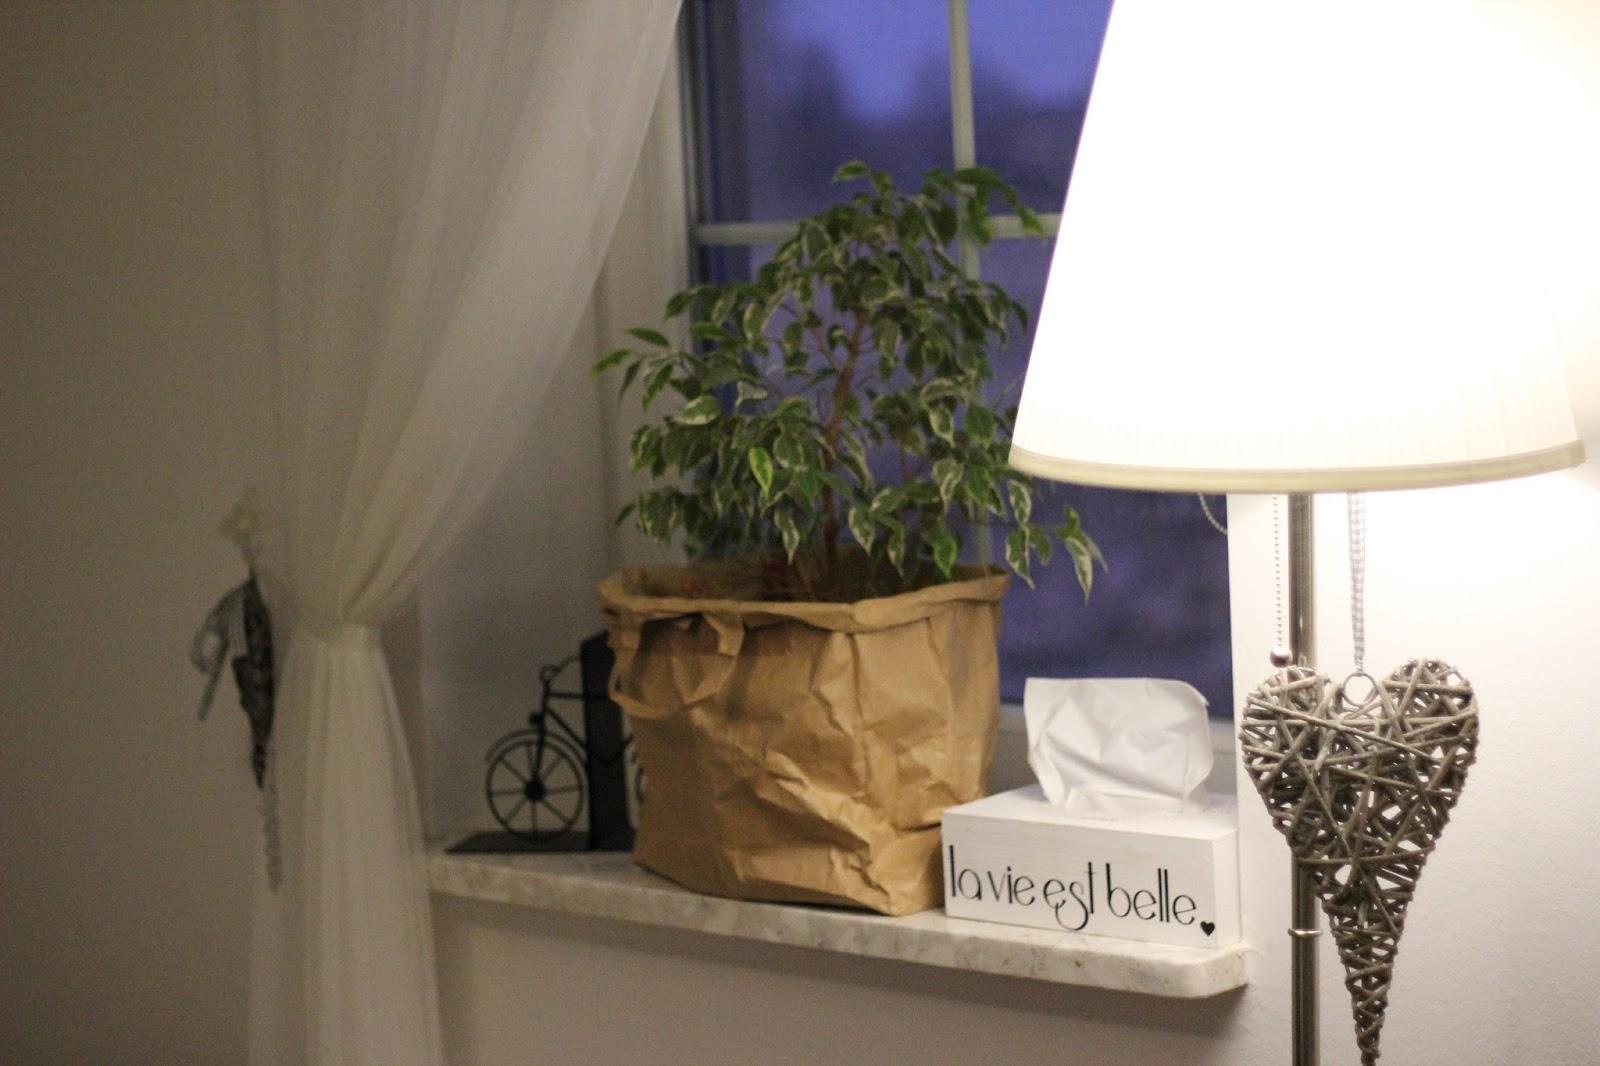 Papierowe Torby Jako Osłonki Na Kwiatki Piaskowy Dom